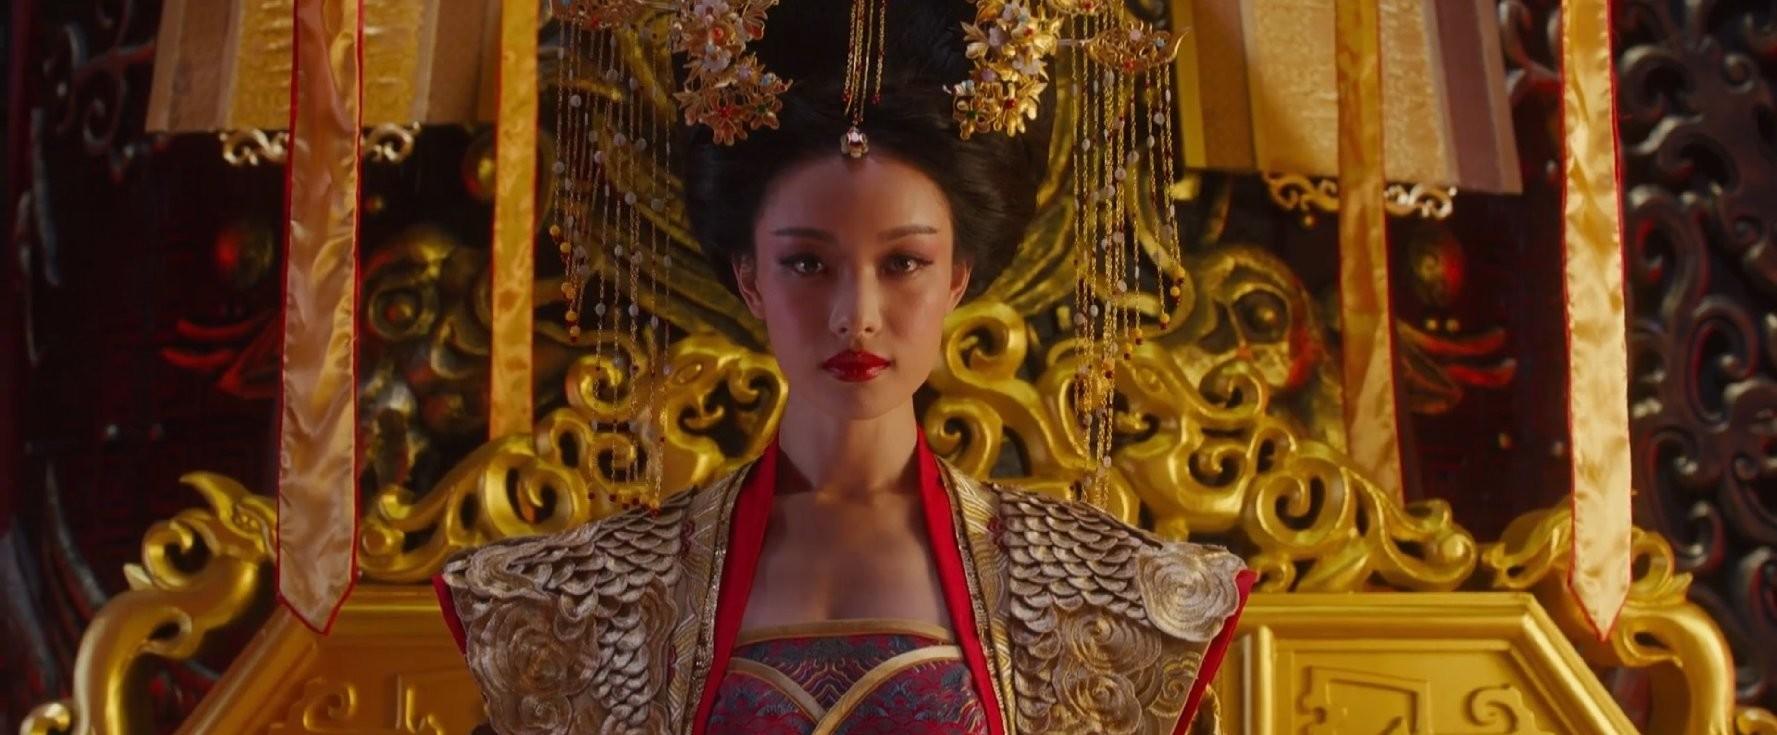 enter the warrior gate 2 movie